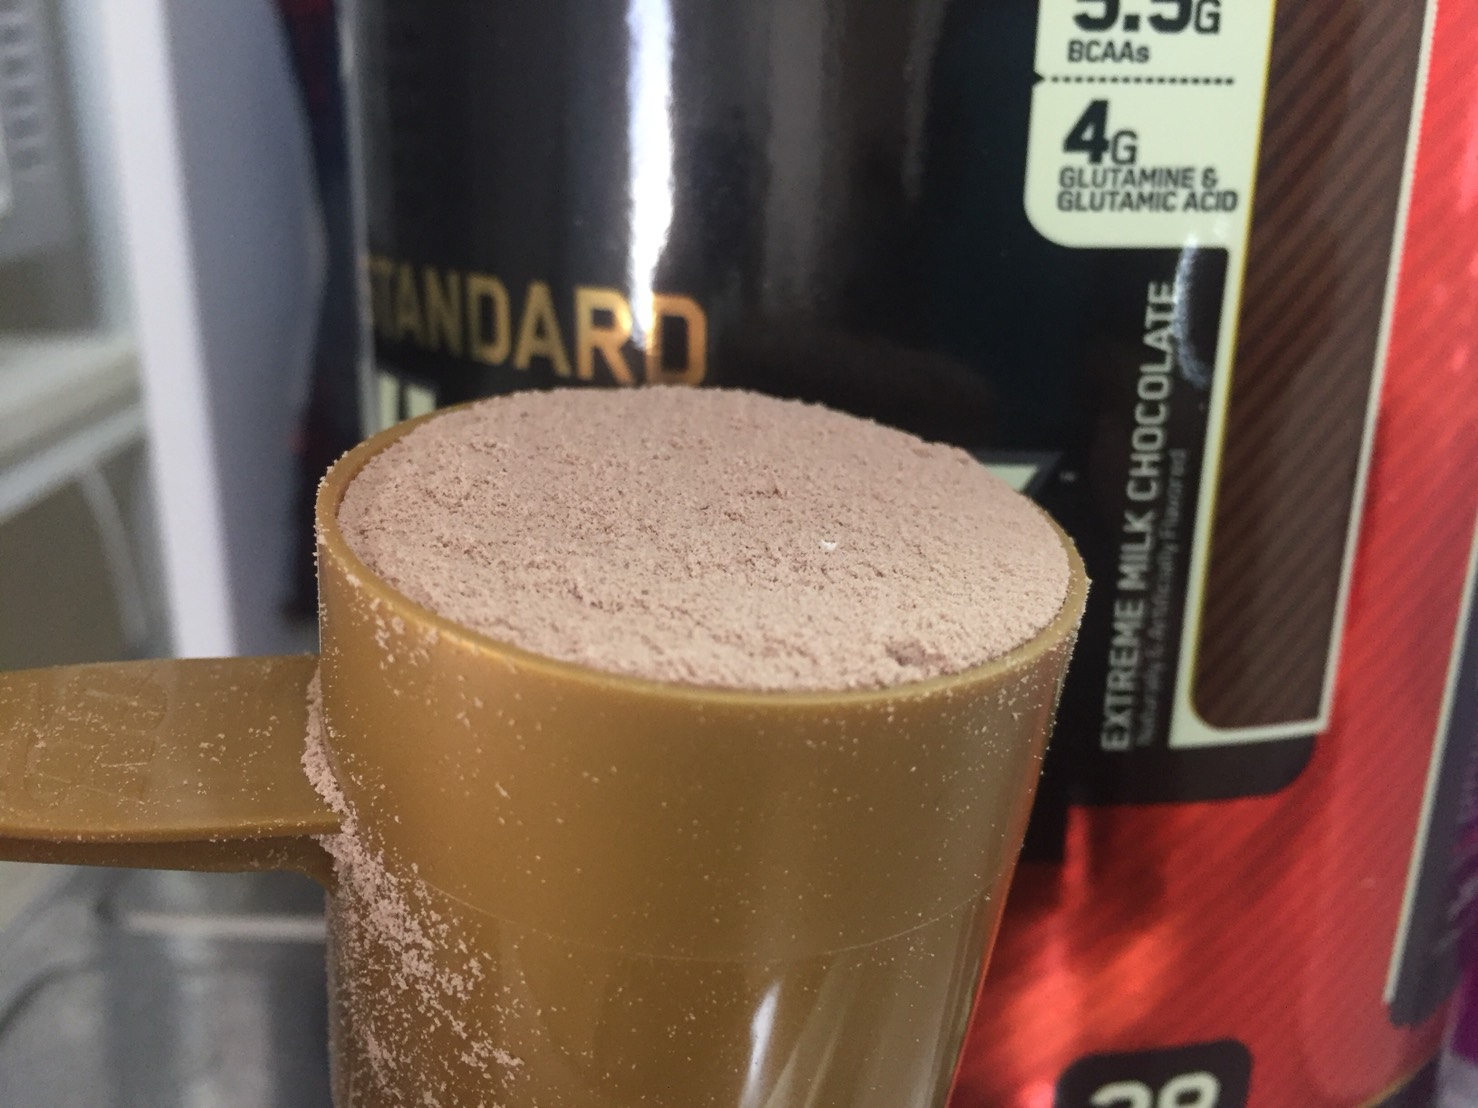 ゴールドスタンダード「エクストリームミルクチョコレート味」の粉末のアップの様子